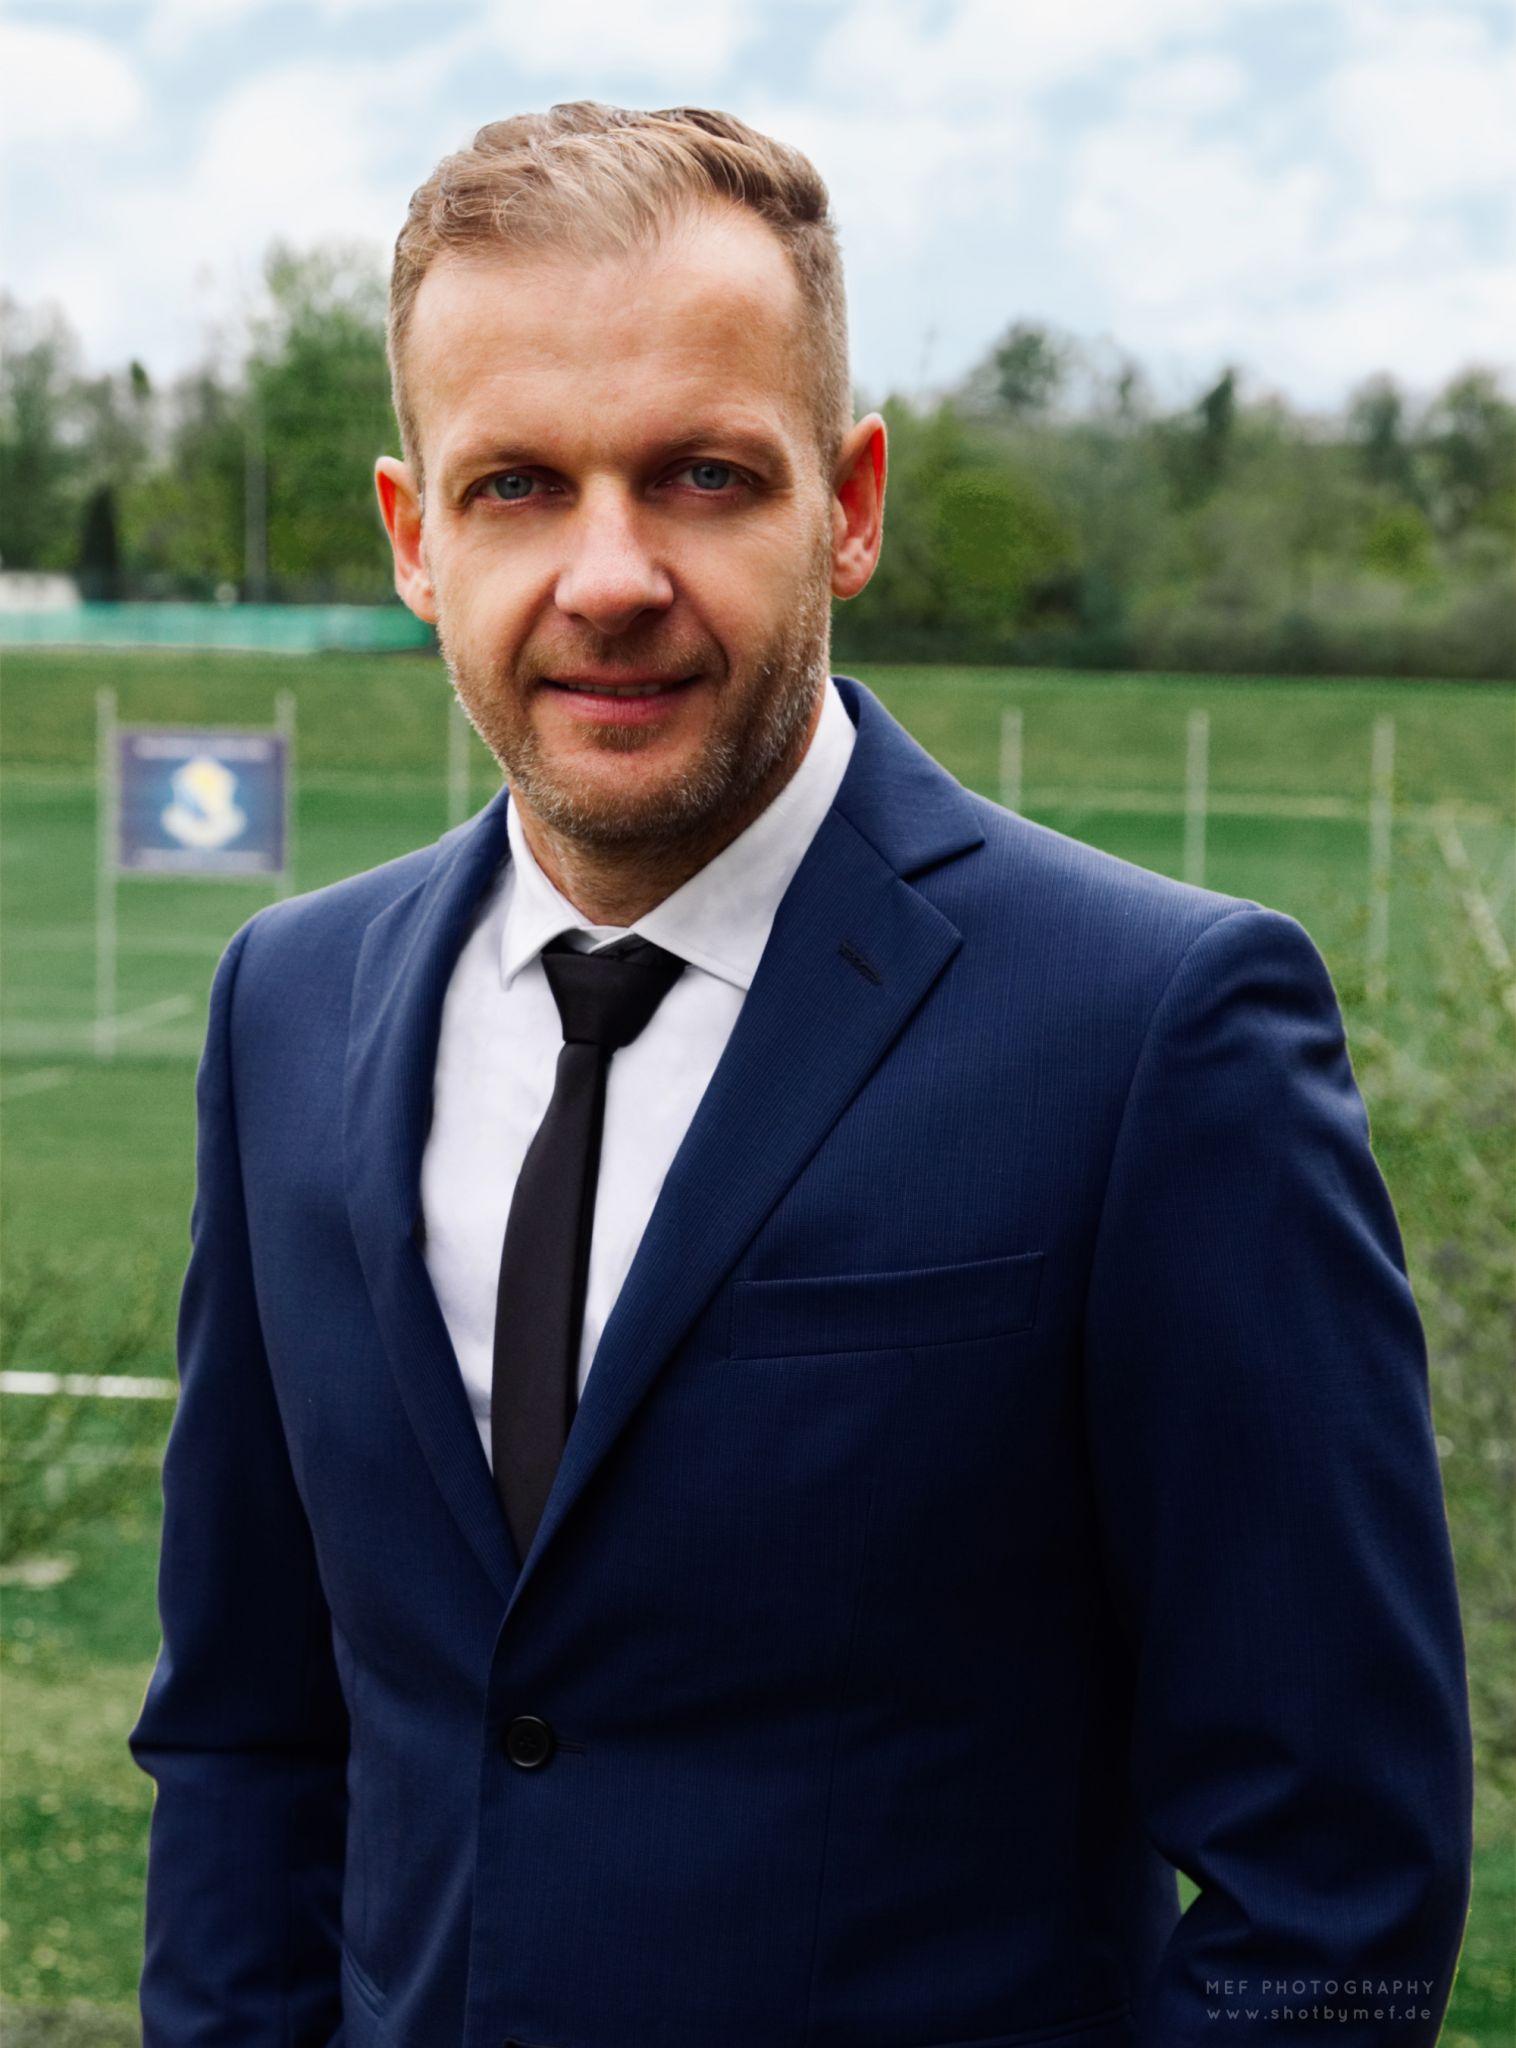 Senad Junuzović (2. Präsident)